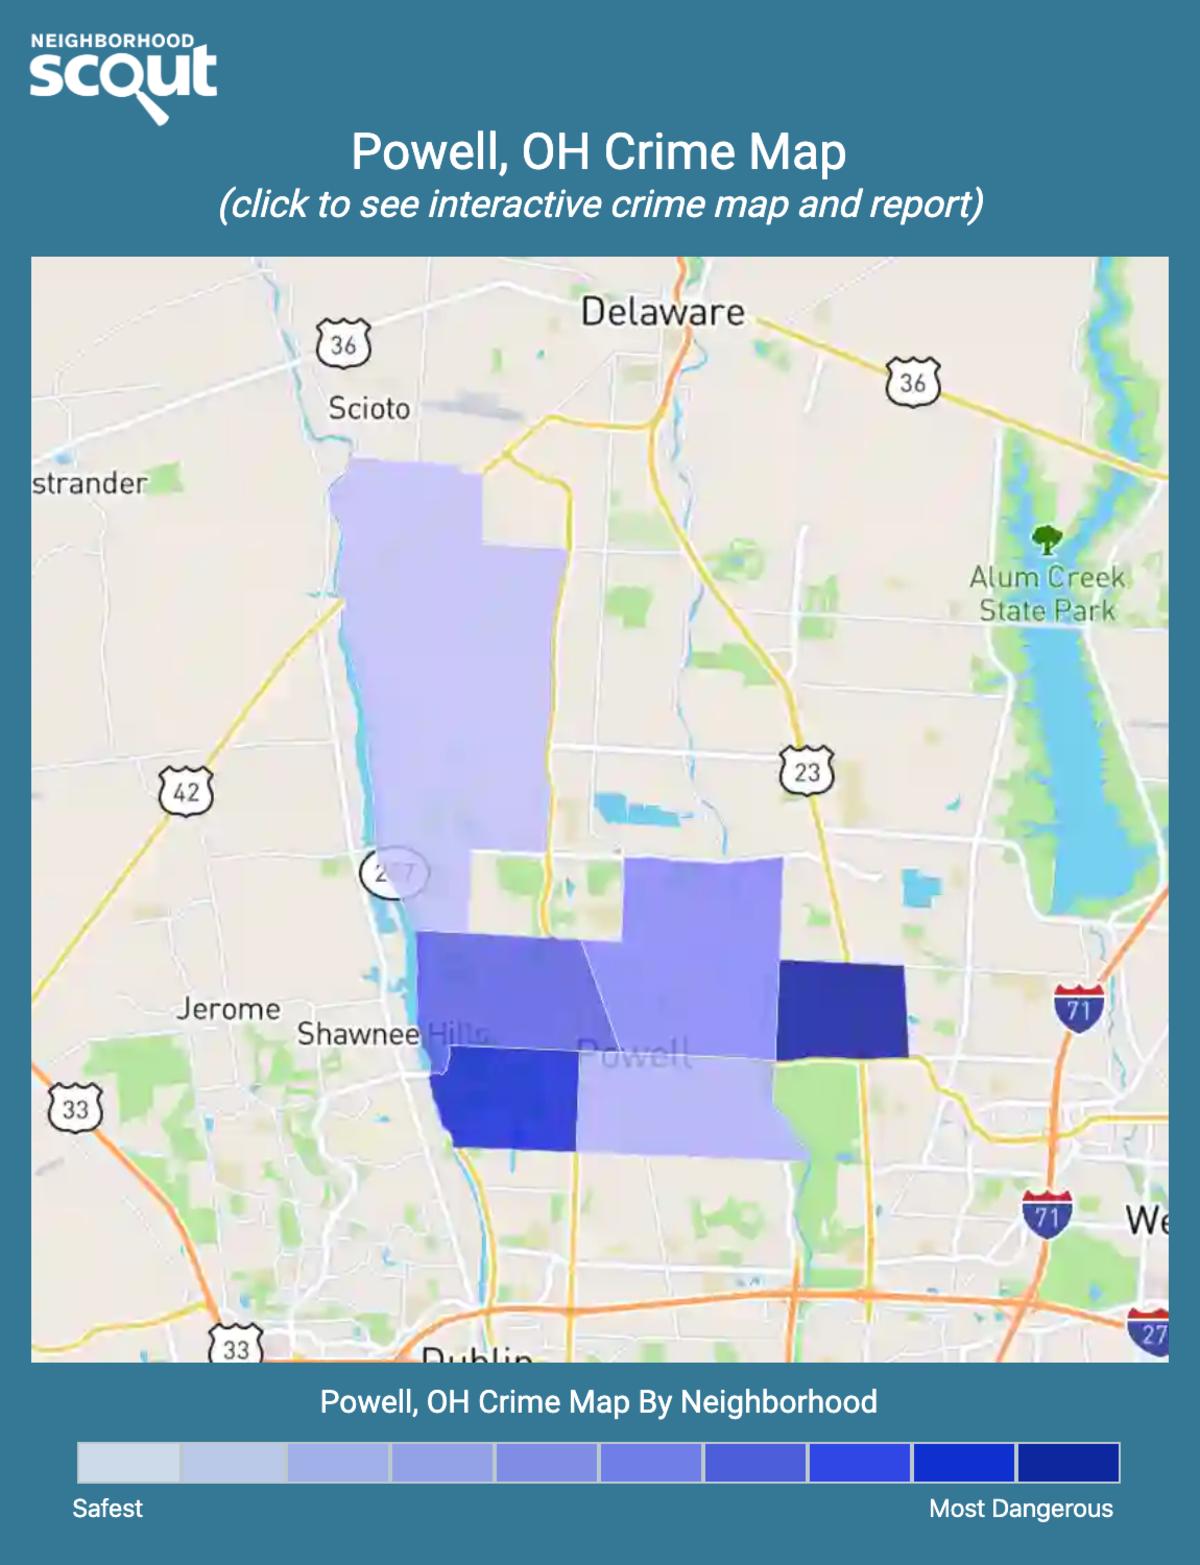 Powell, Ohio crime map